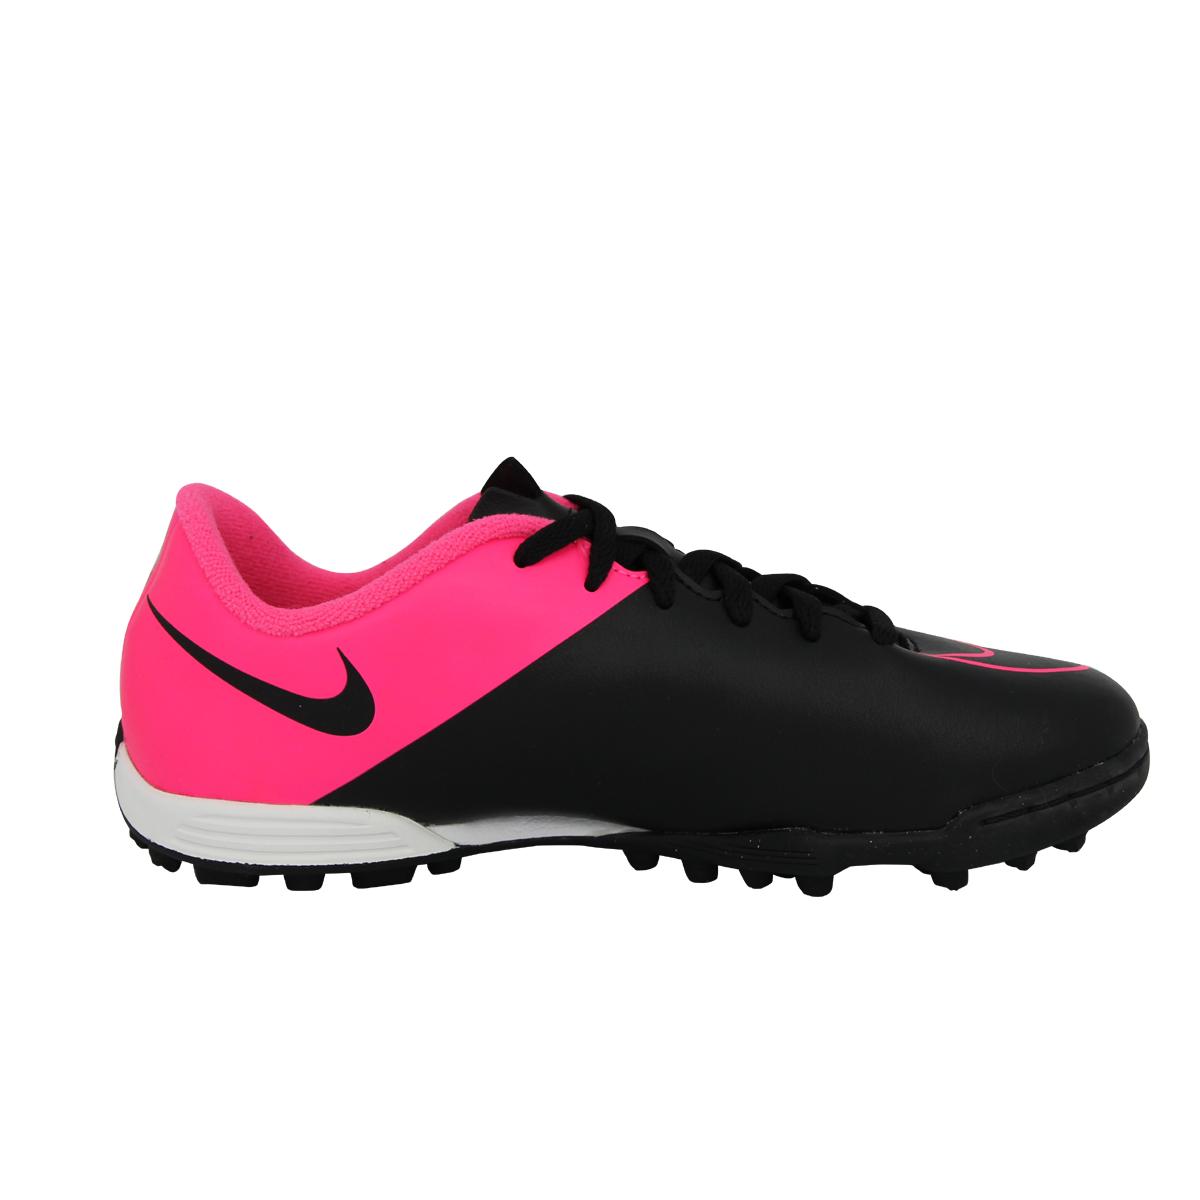 2 sur 6 Nike JR MERCURIAL VORTEX II TF Chaussures de Football Fille Enfant  Noir Rose 10b3ac85e5c2